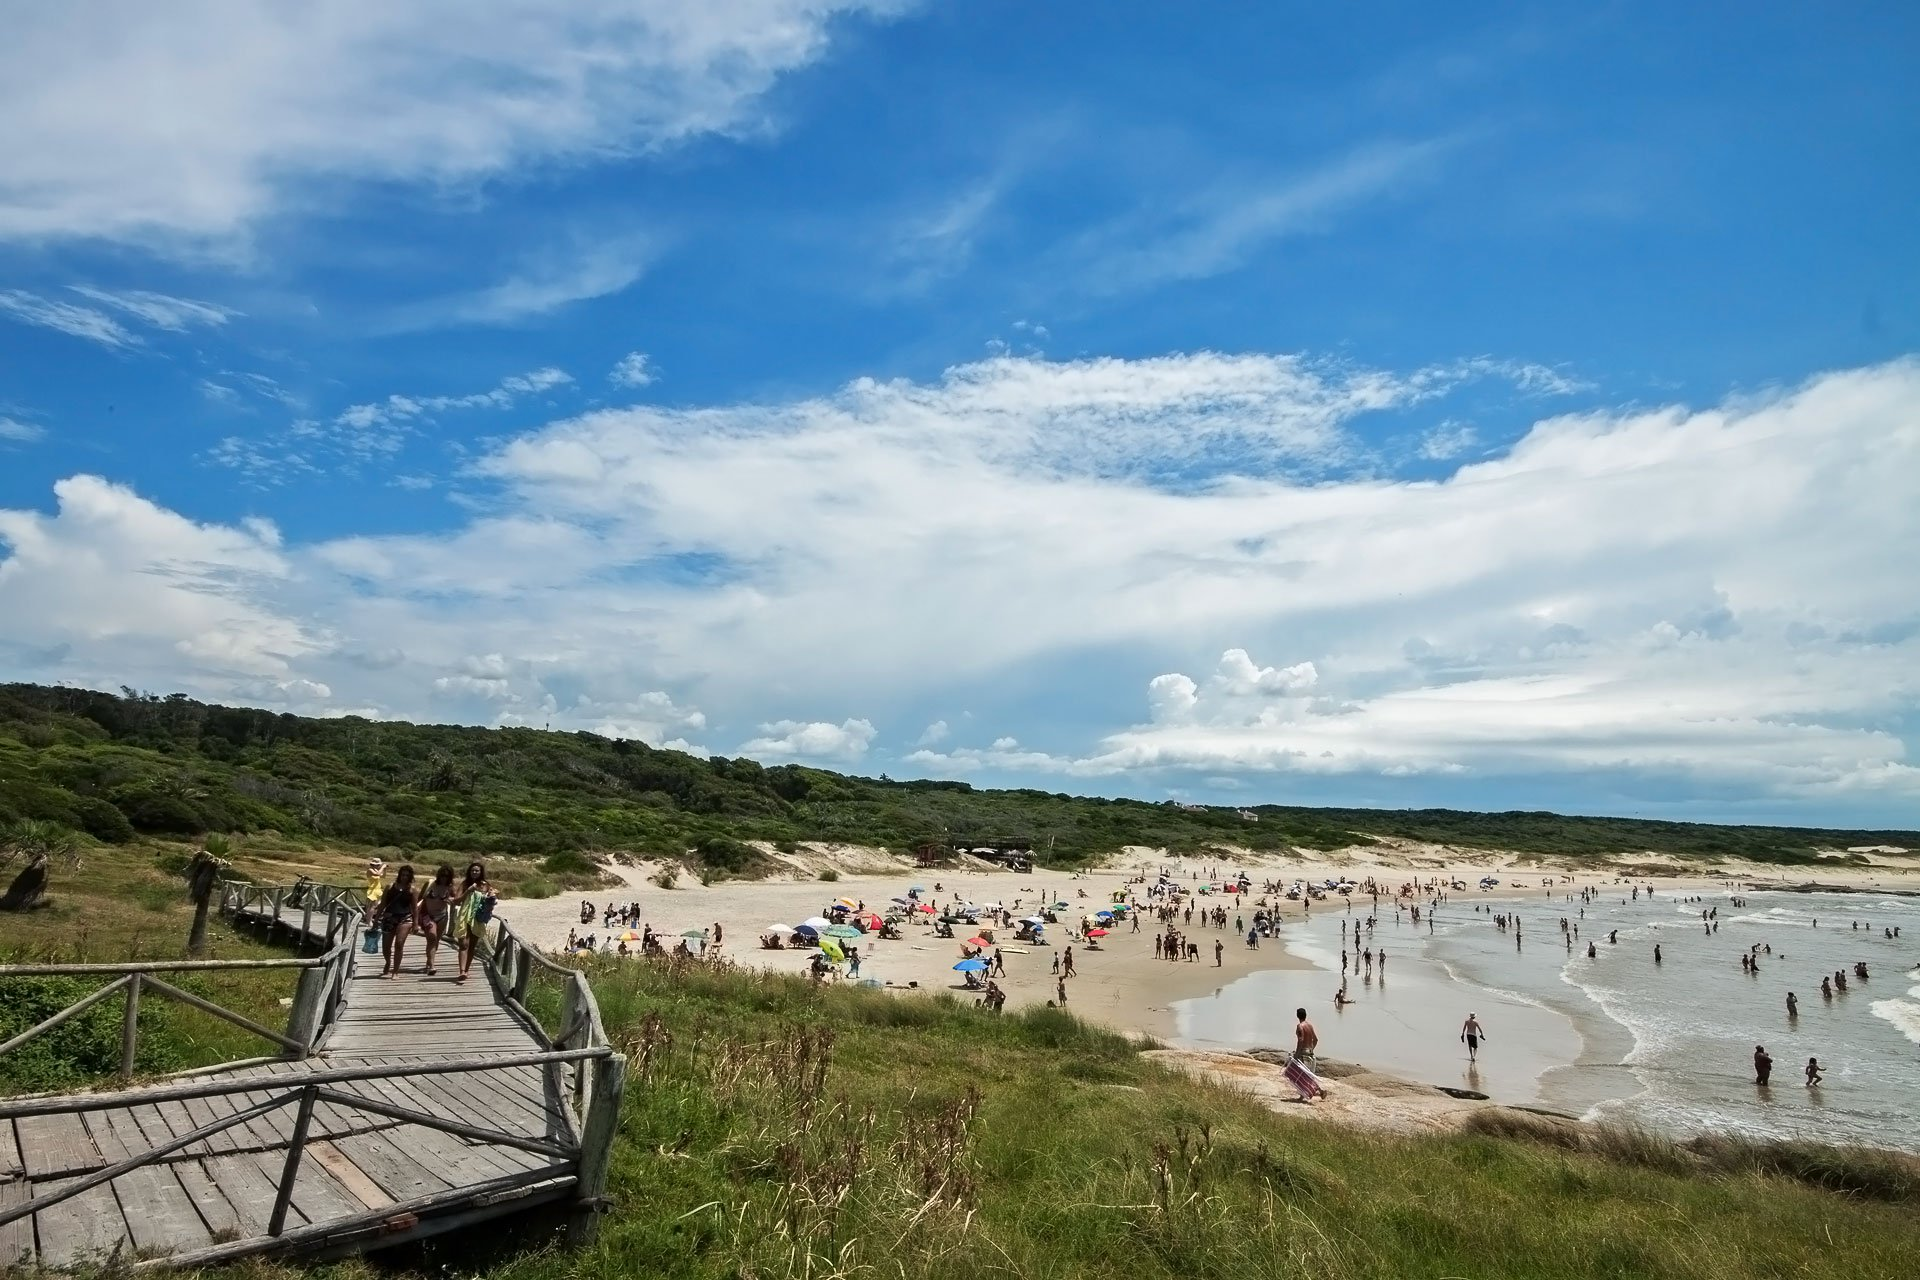 5 passeios para fugir do óbvio no Uruguai: Parque de Santa Teresa